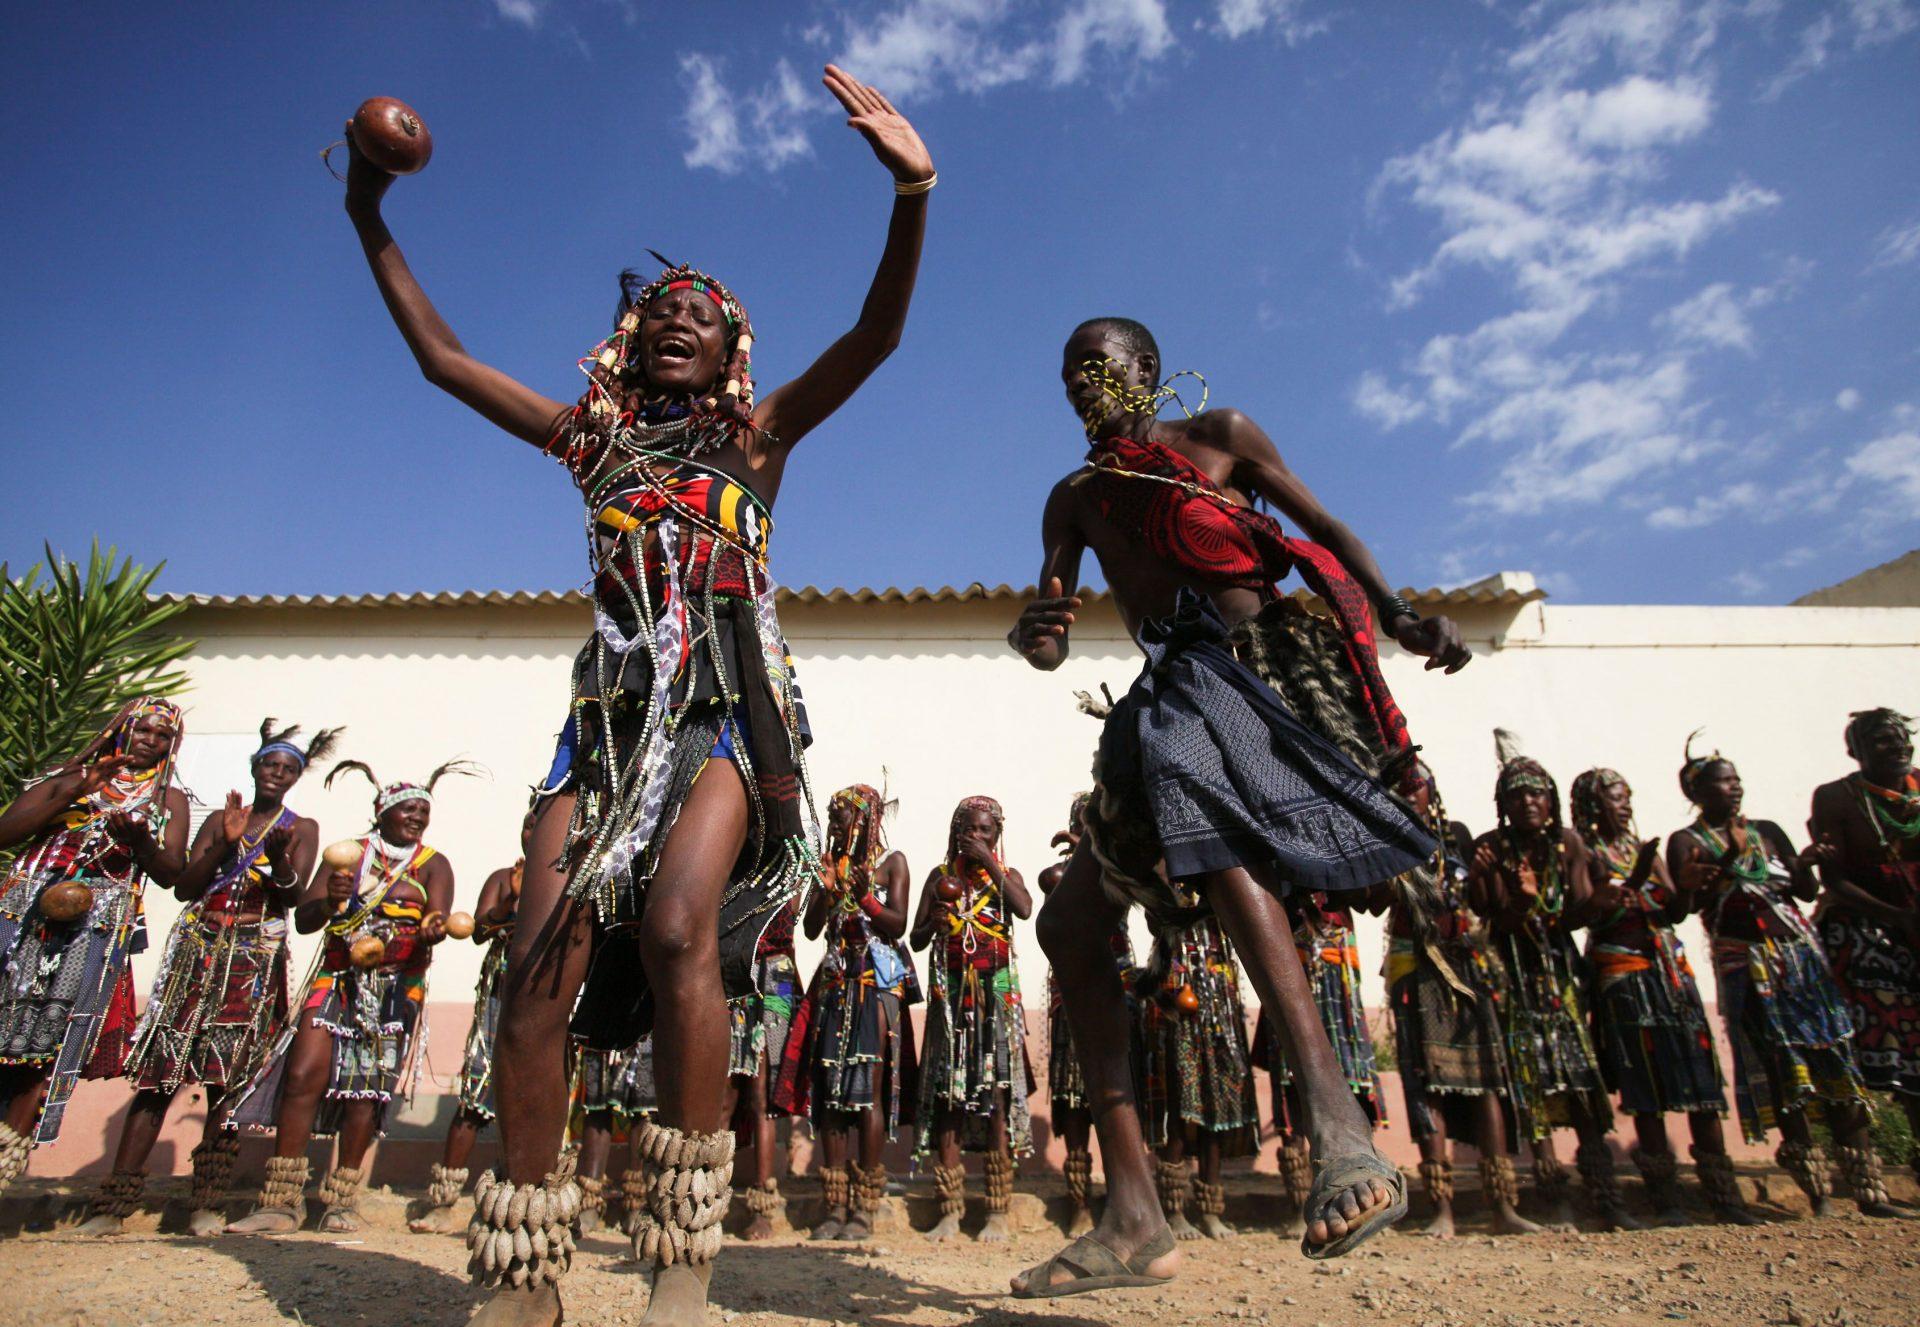 Membros do grupo Kamatembas da Humpata da tribo Mumuilas, 21 de julho de 2010. MIGUEL A. LOPES/LUSA